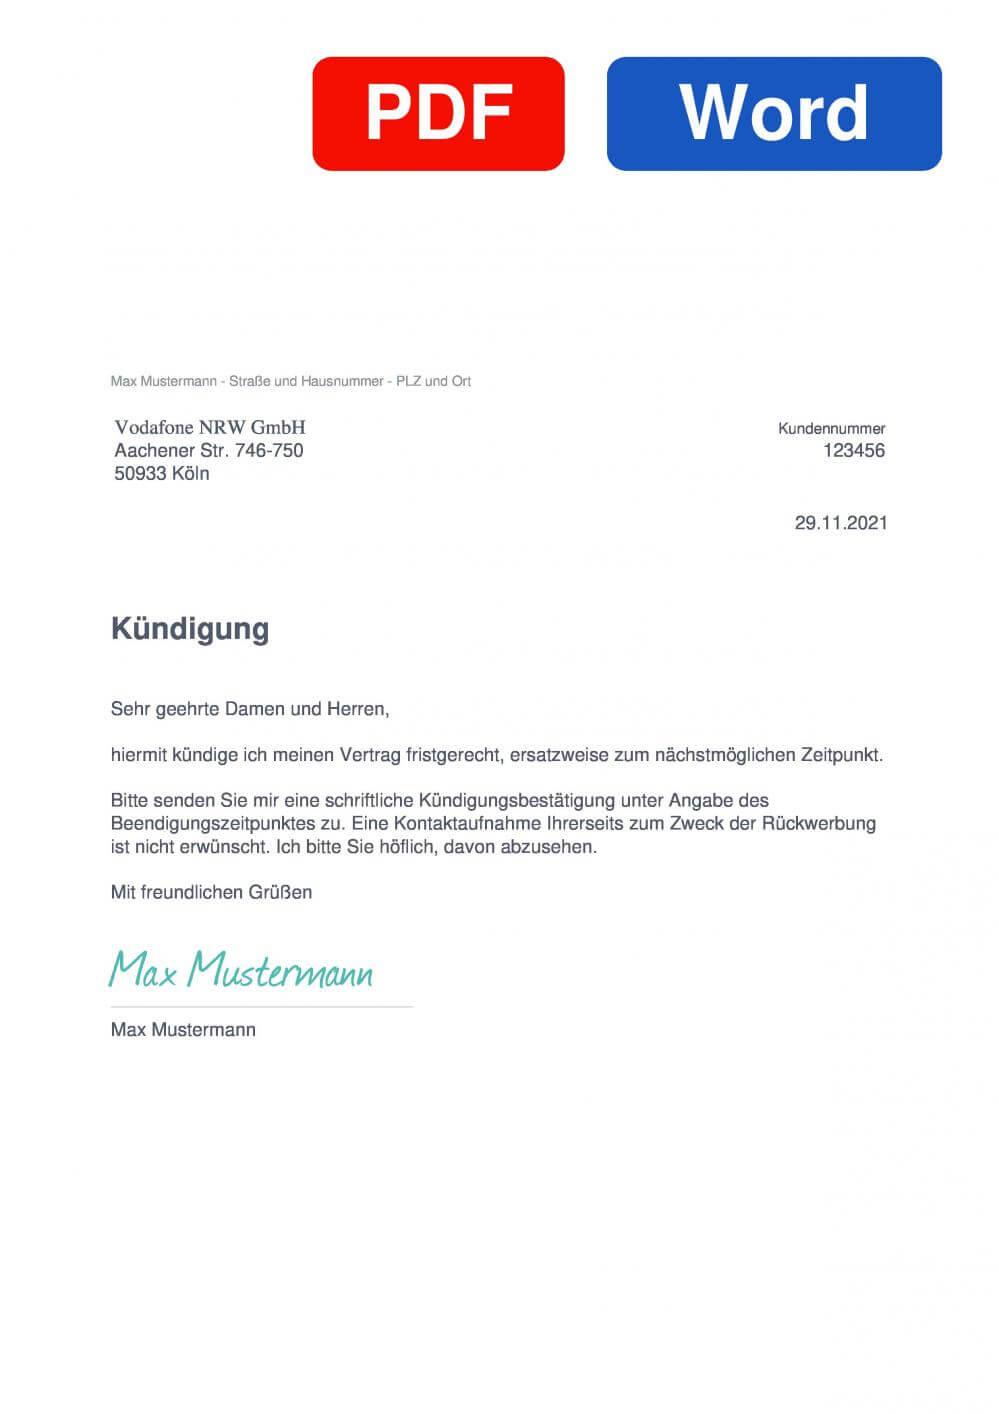 Unitymedia Nordrhein-Westfalen Muster Vorlage für Kündigungsschreiben